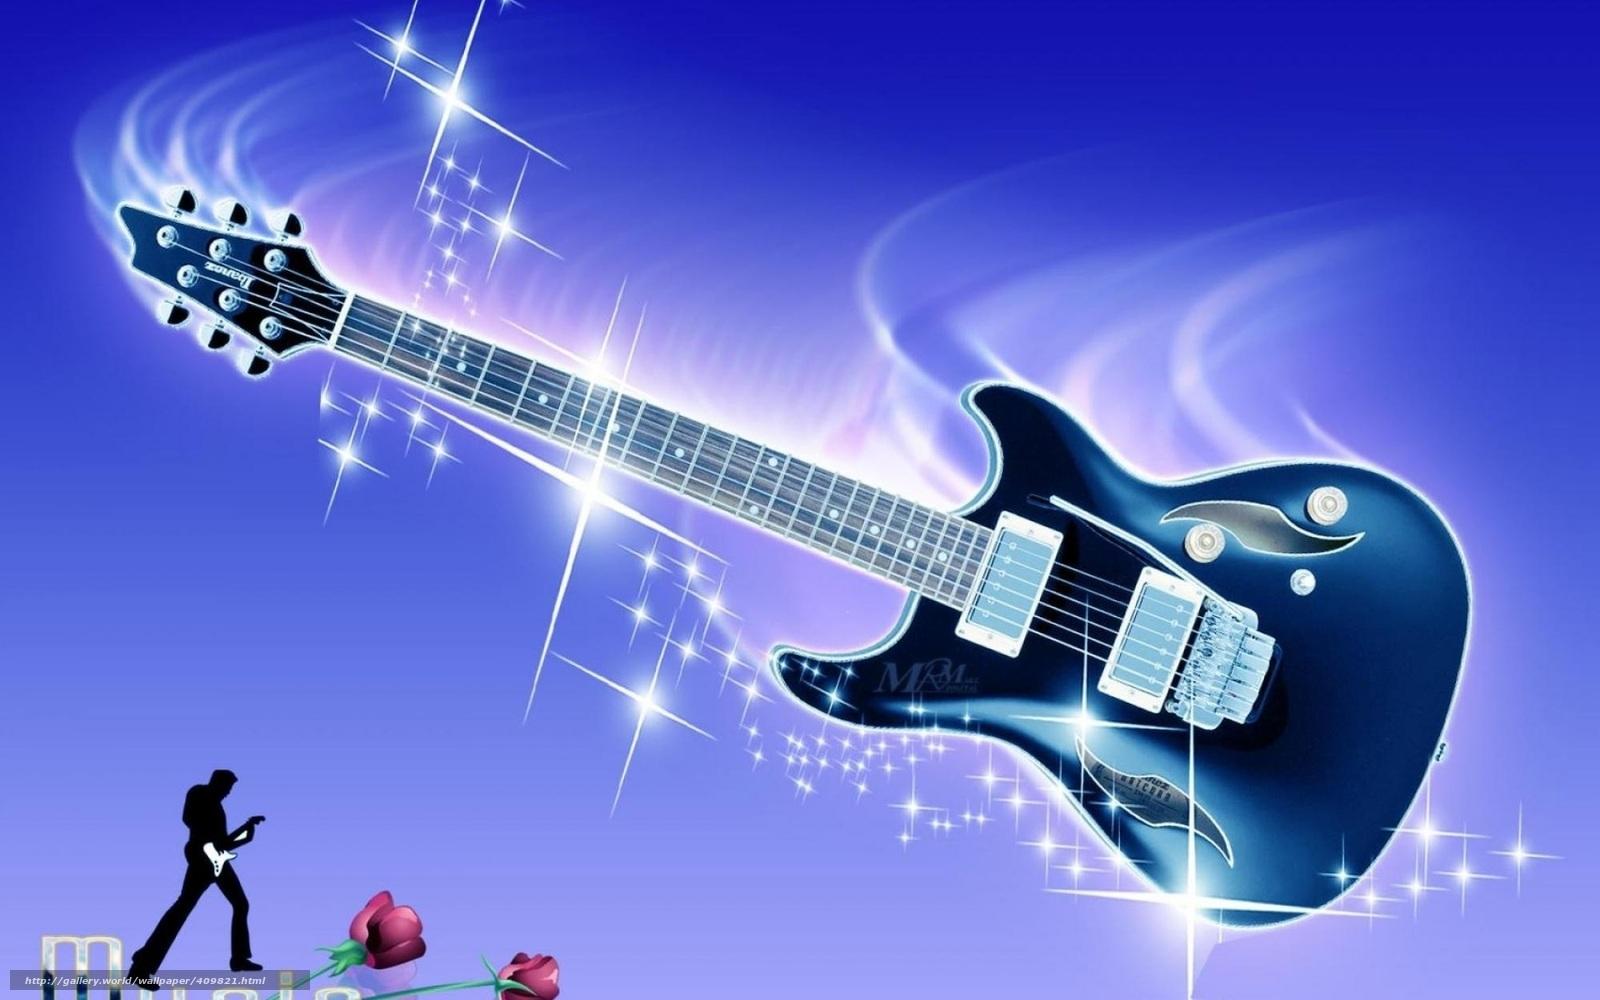 Музыкальные открытки на стену, праздником гибдд